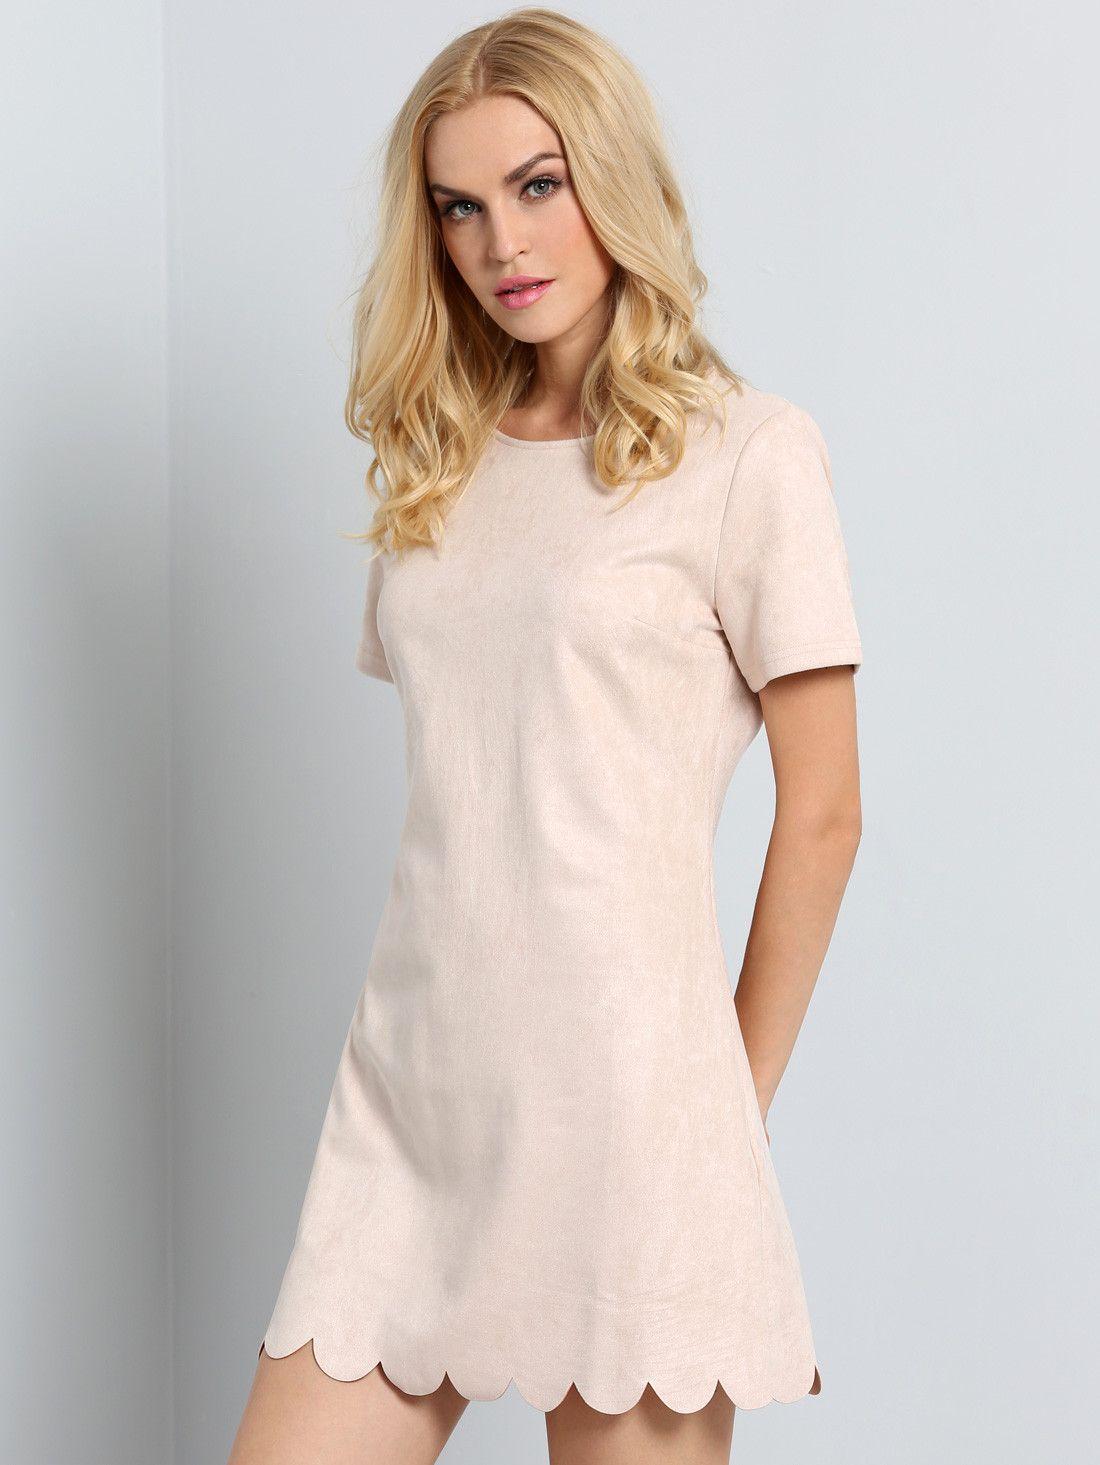 Apricot short sleeve ruffle dress my style pinterest ruffle